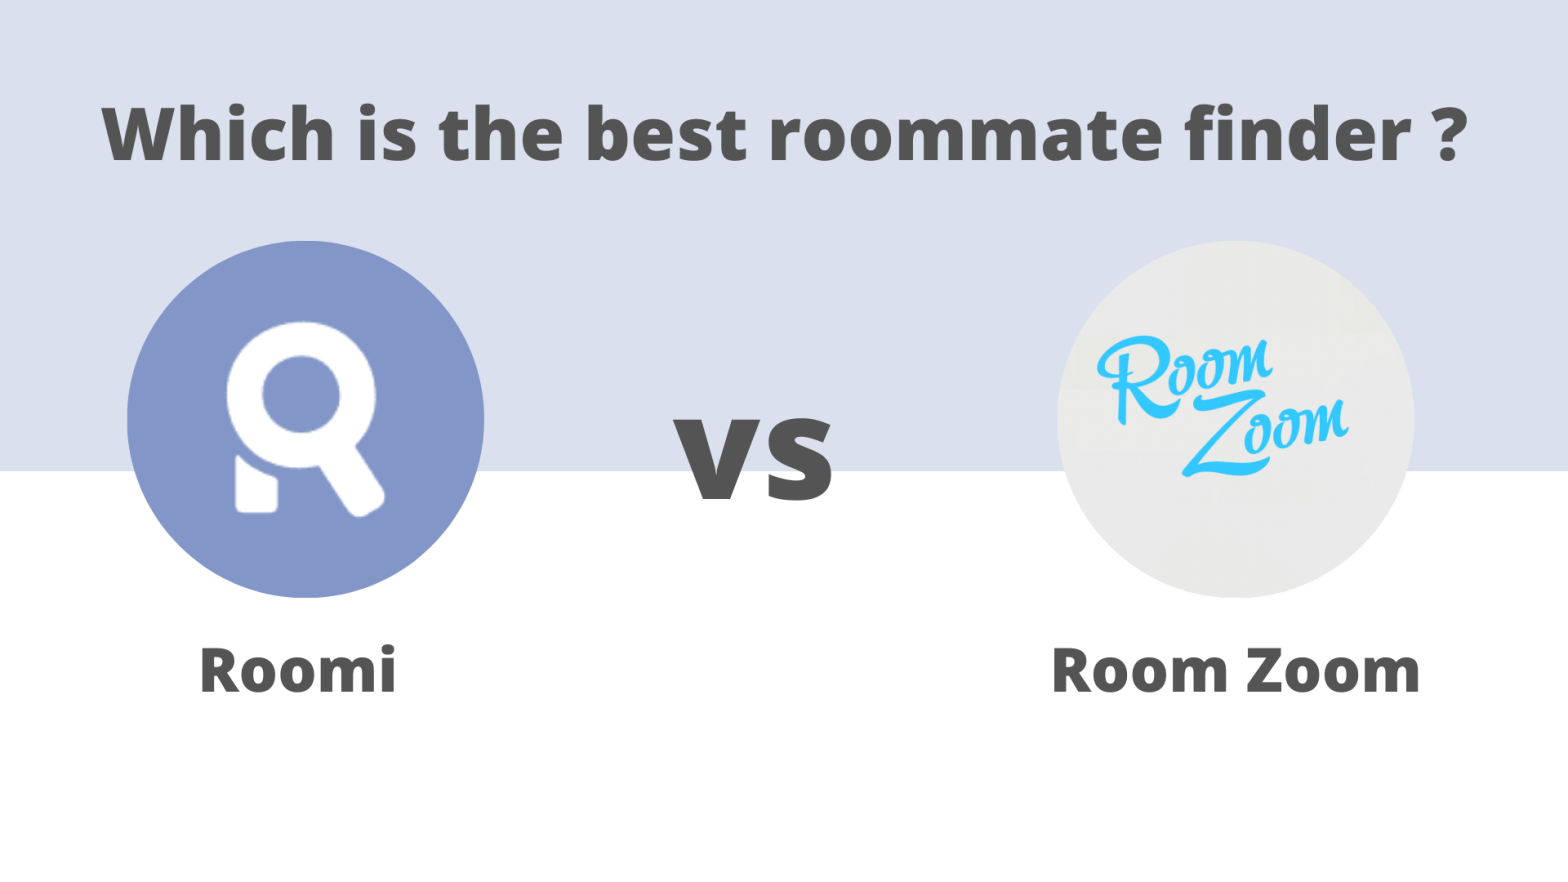 roomi-vs-roomzoom-roommate-finder